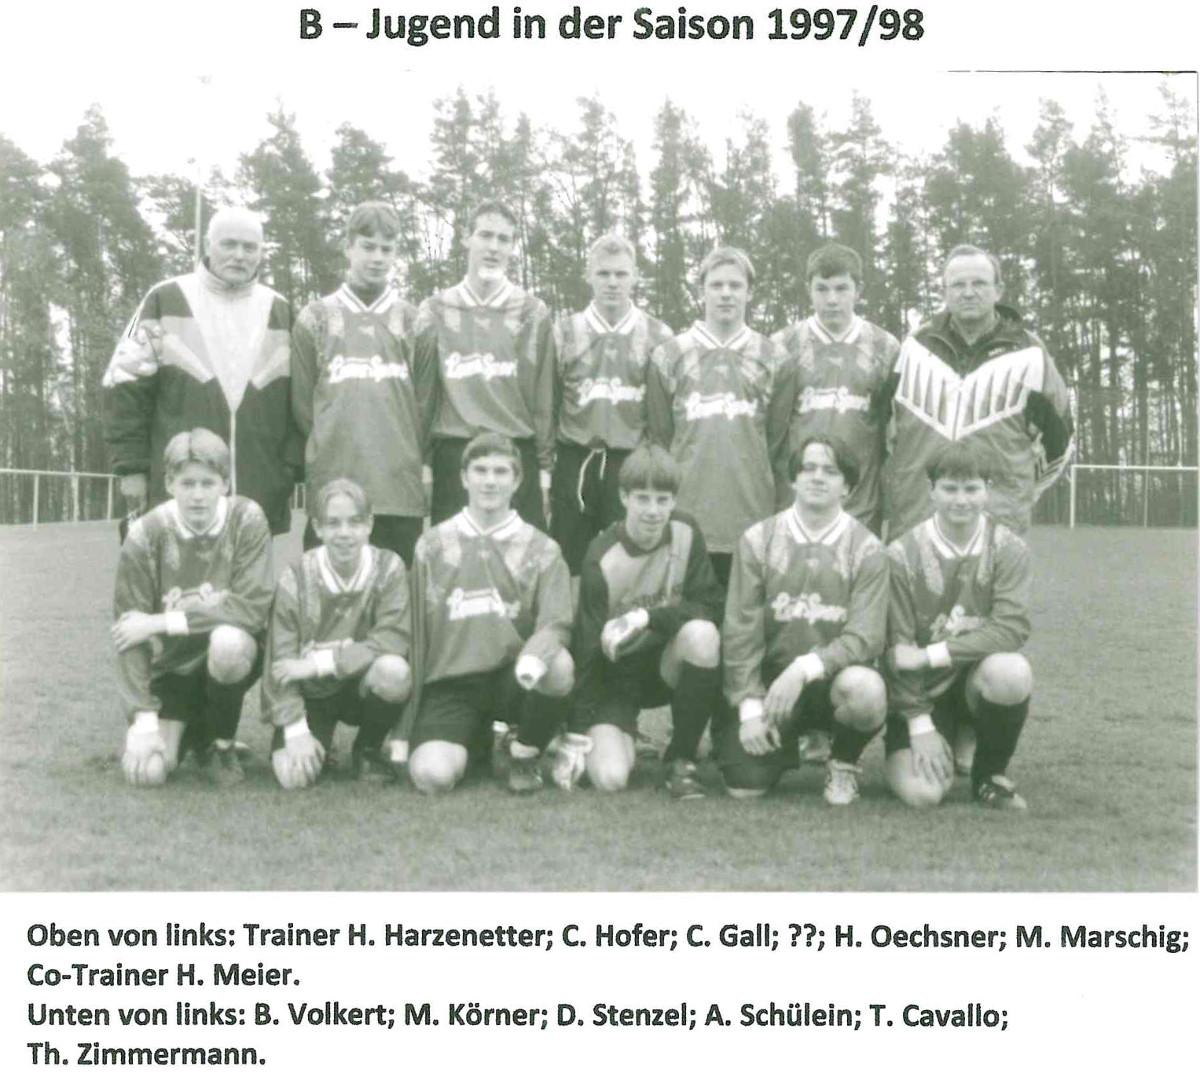 sfl-95-98-30b-bjugend-1997